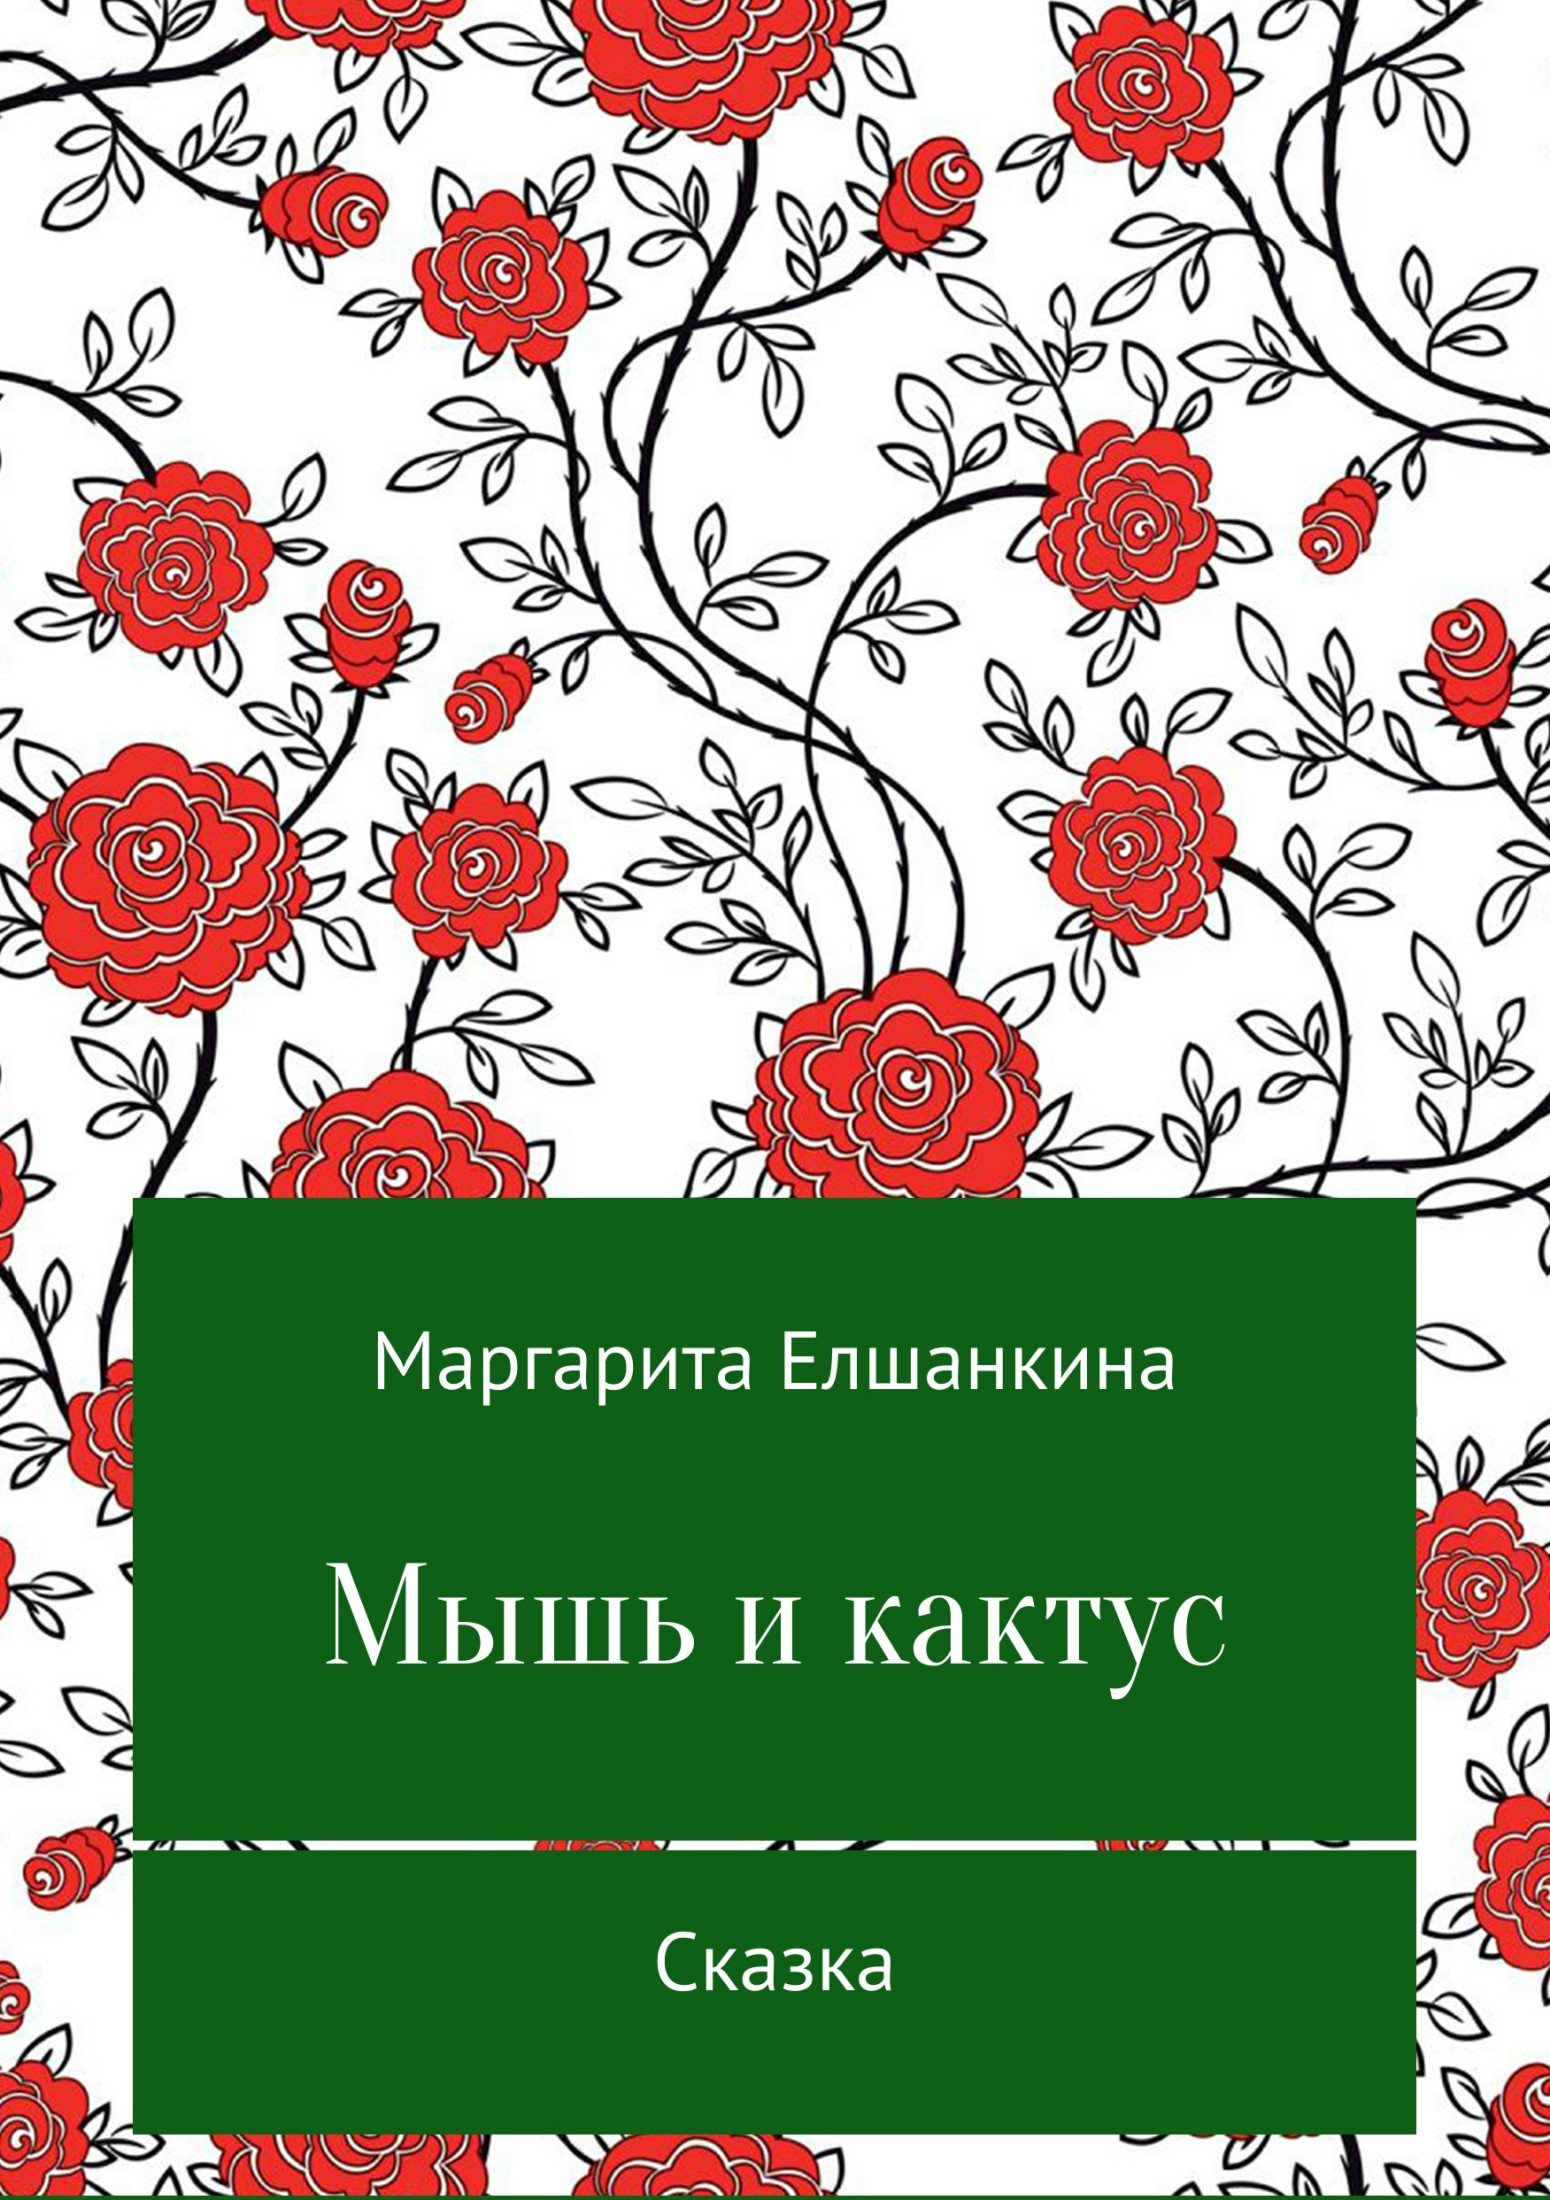 Маргарита Вадимовна Елшанкина. Мышь и кактус